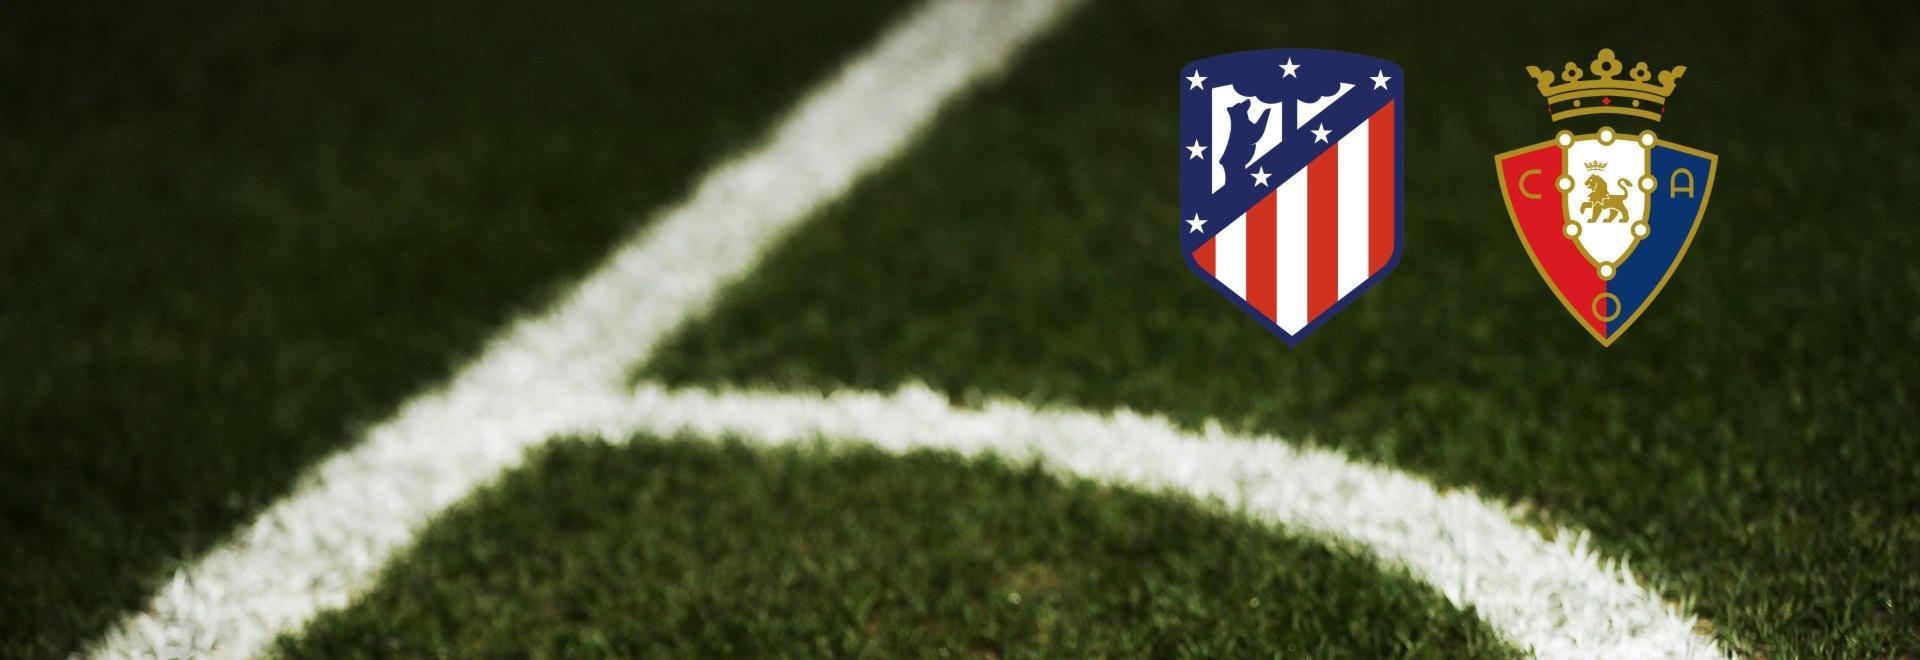 Atletico Madrid - Osasuna. 37a g.